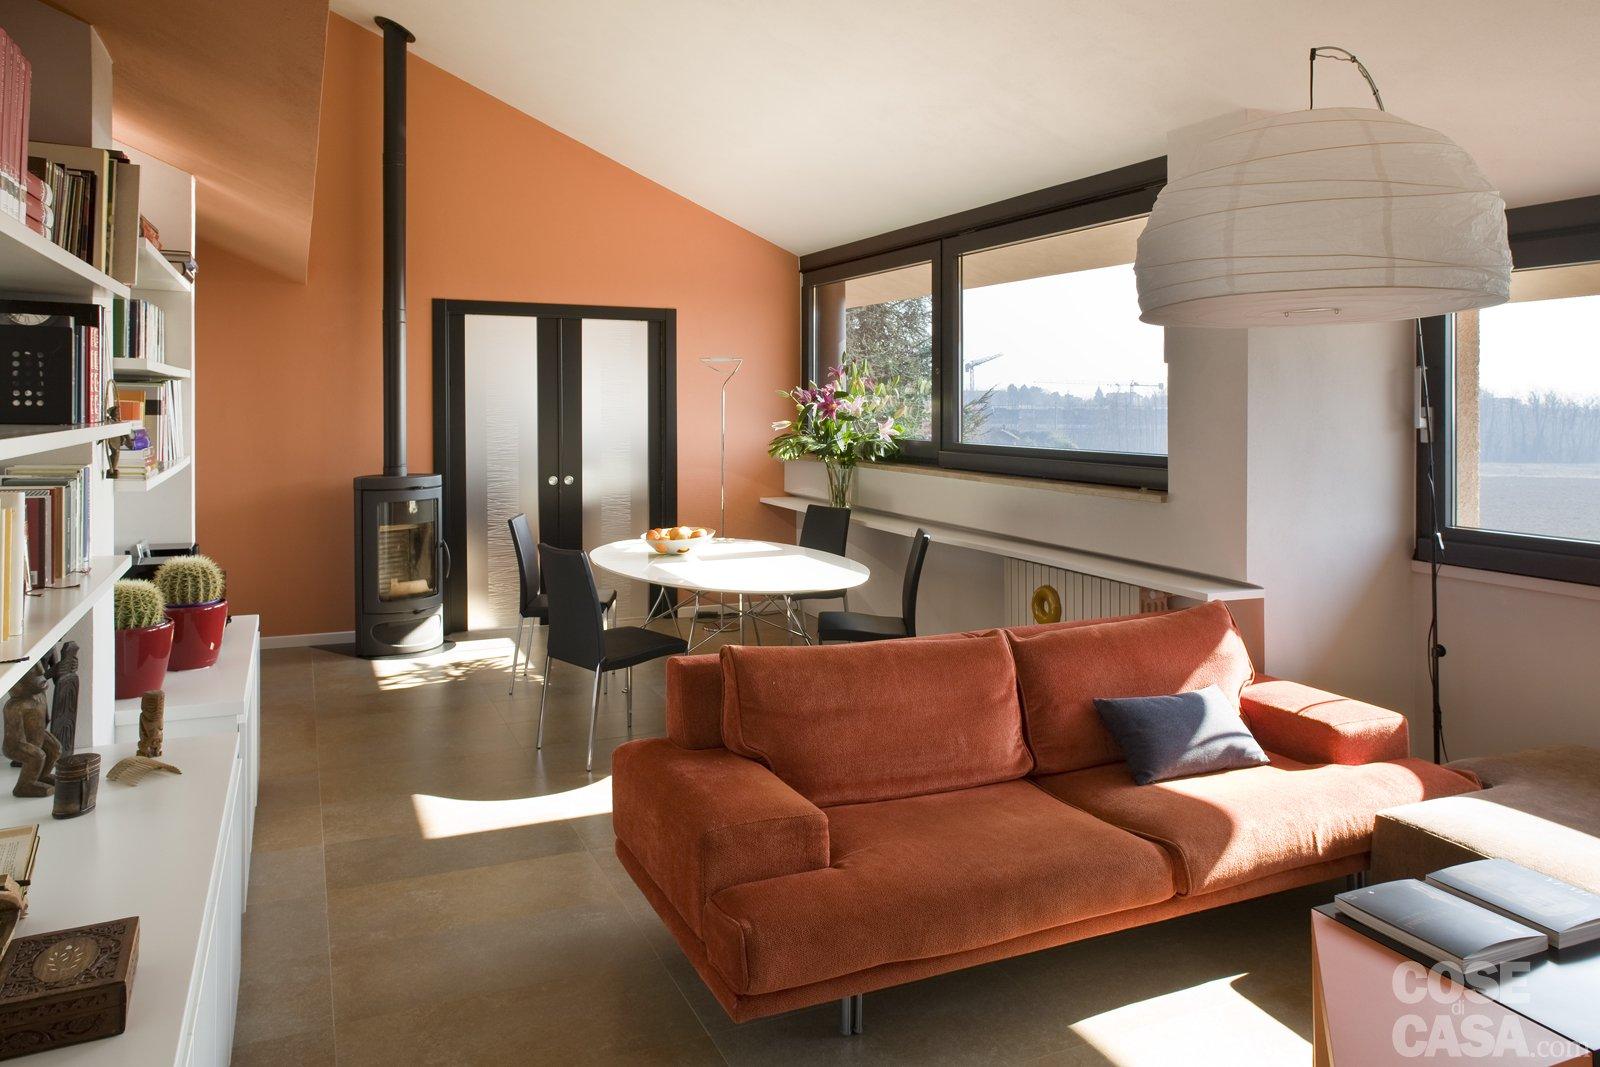 Casa in mansarda con le soluzioni giuste per gli spazi for Case arredate moderne foto